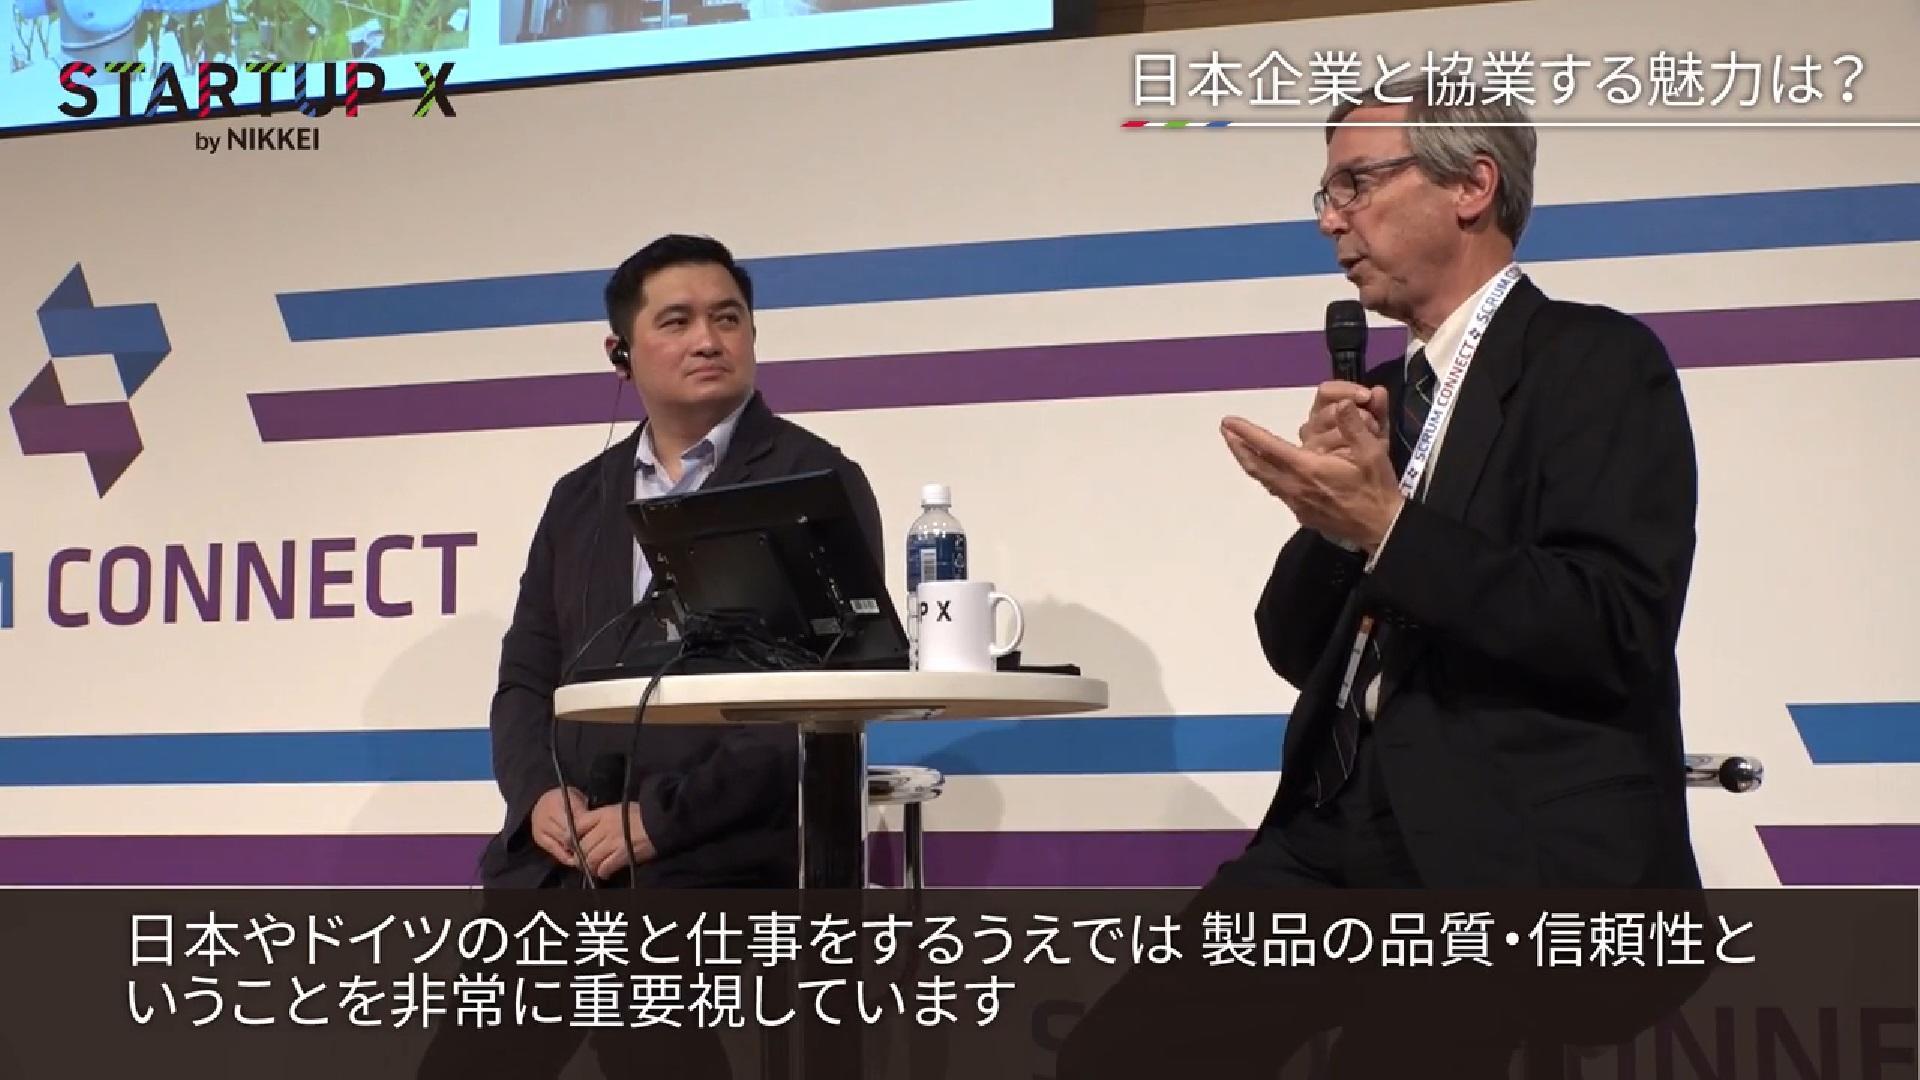 """""""空飛ぶクルマ✕考えるロボット"""" 気鋭のハードウェアVBトップ対談〜日経STARTUP Xテキスト〜"""